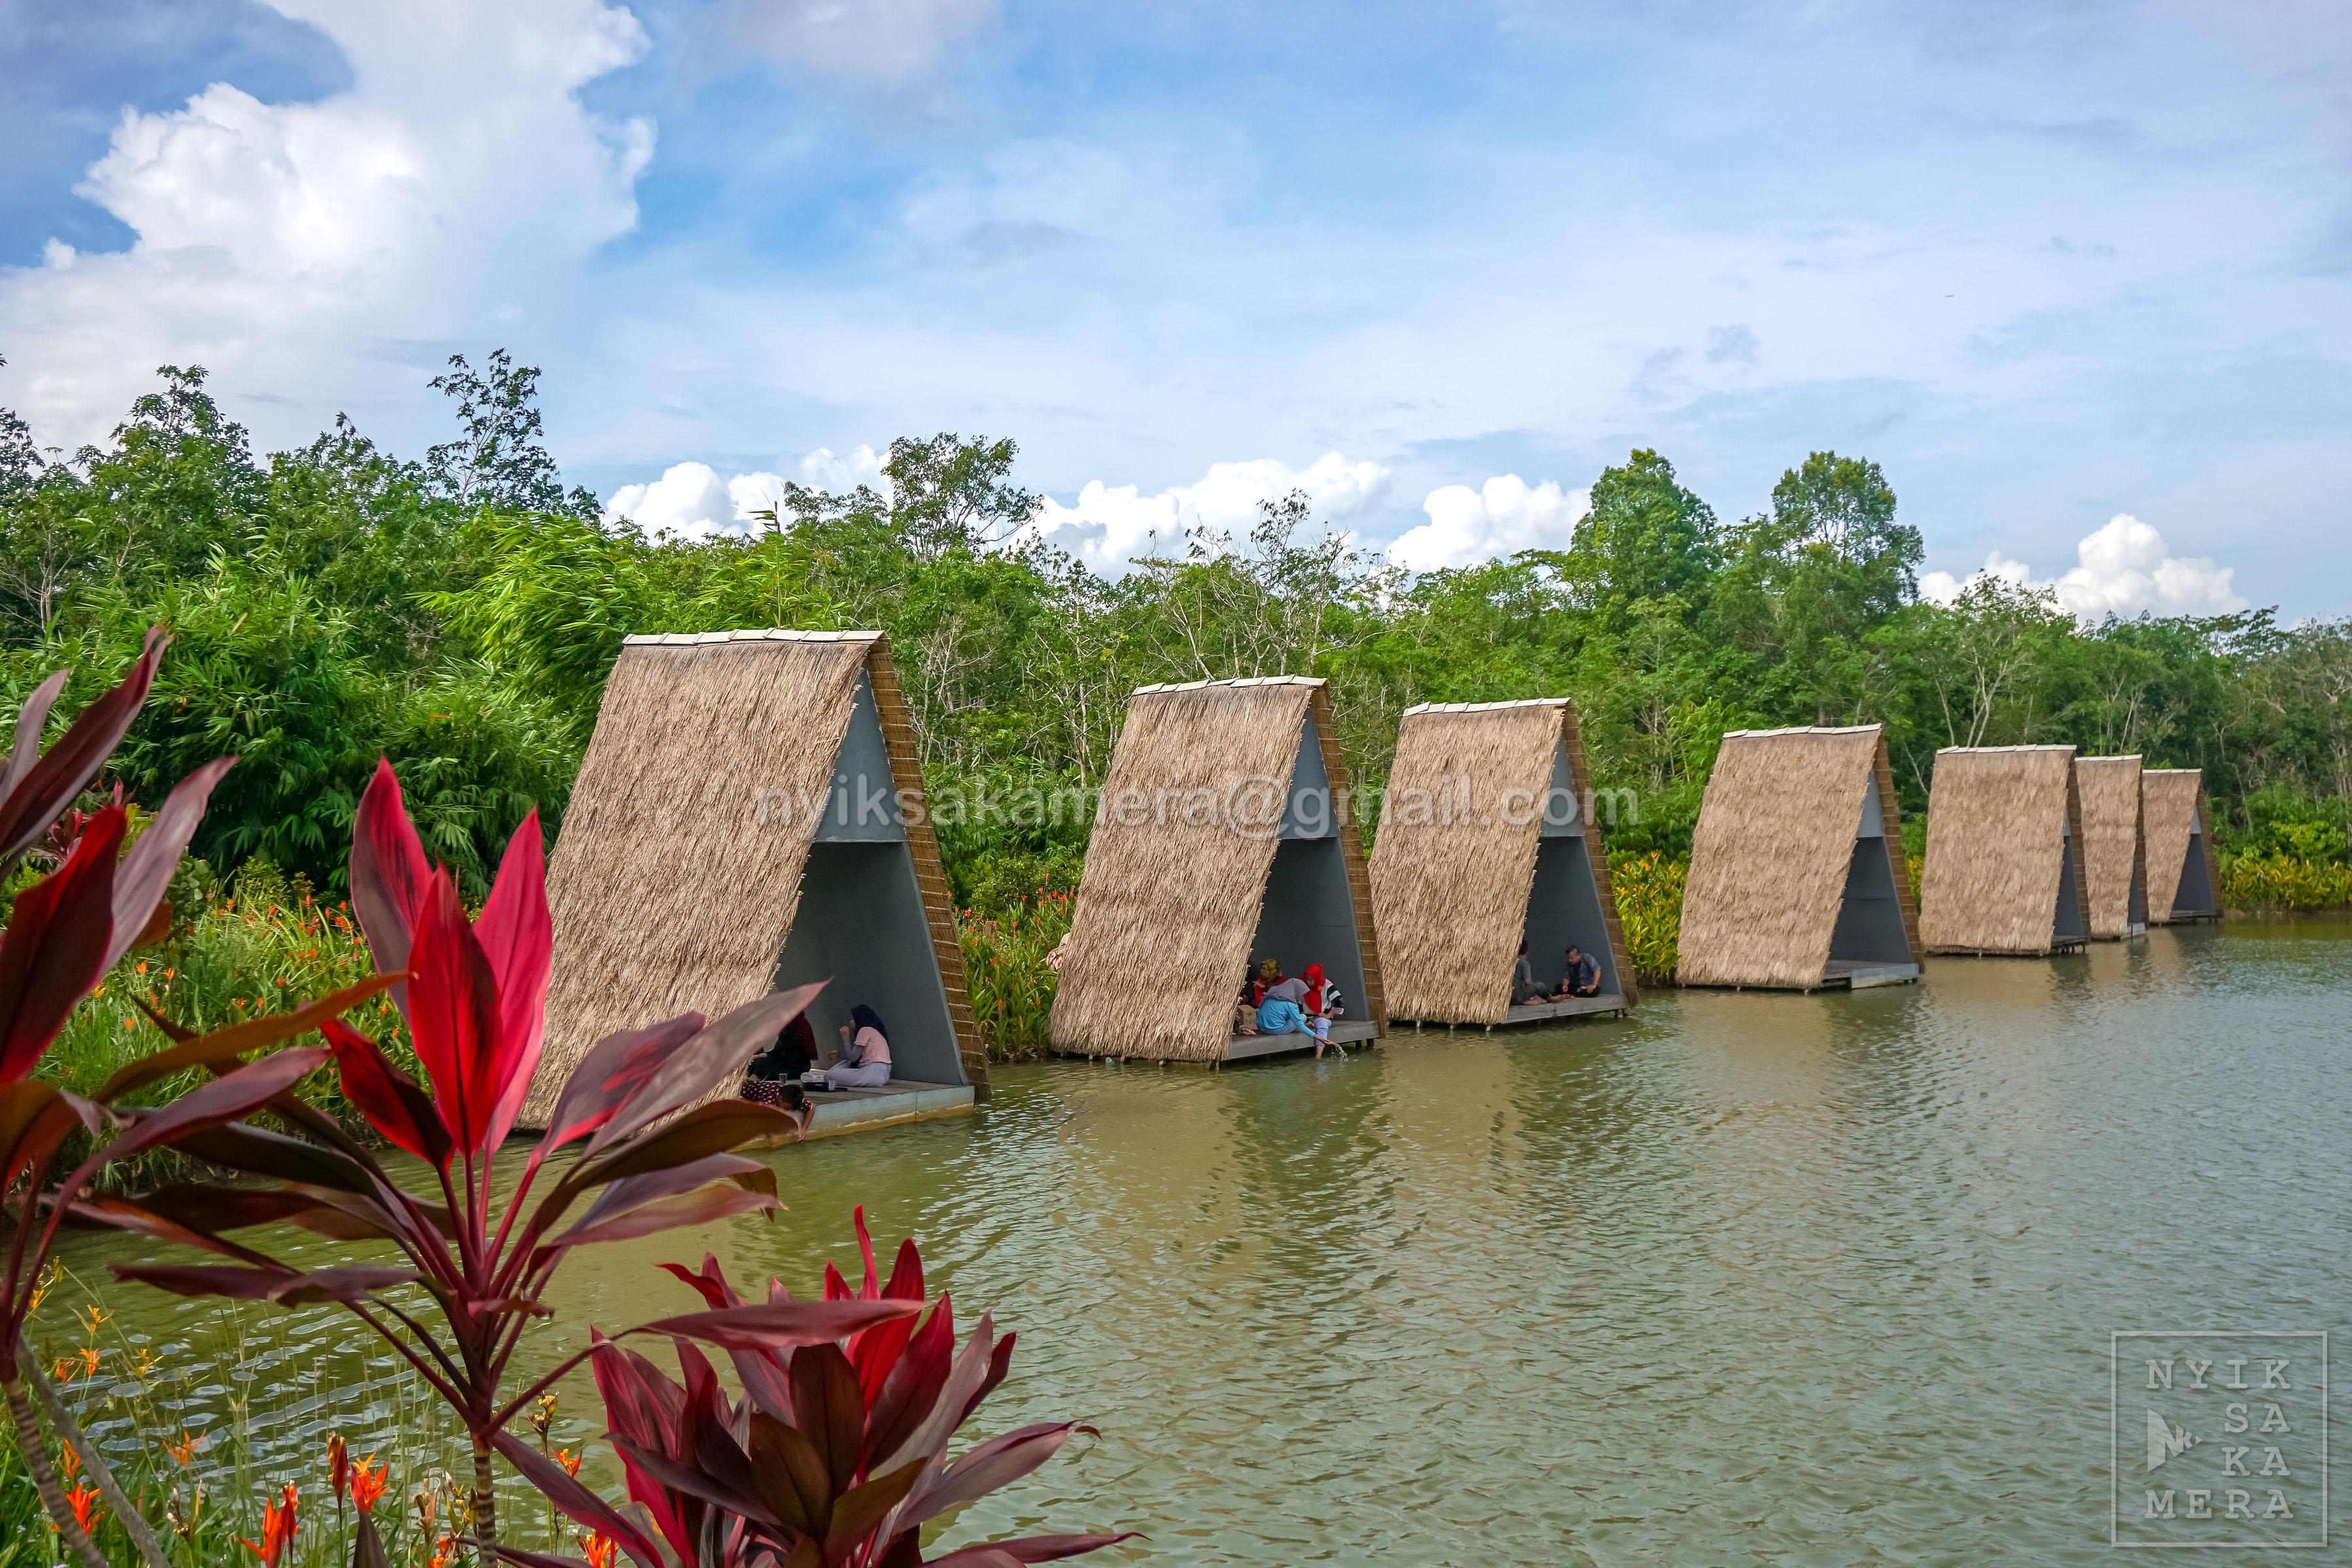 Berakhir Pekan Di Desa Wisata Ekang Yang Hijau Part I